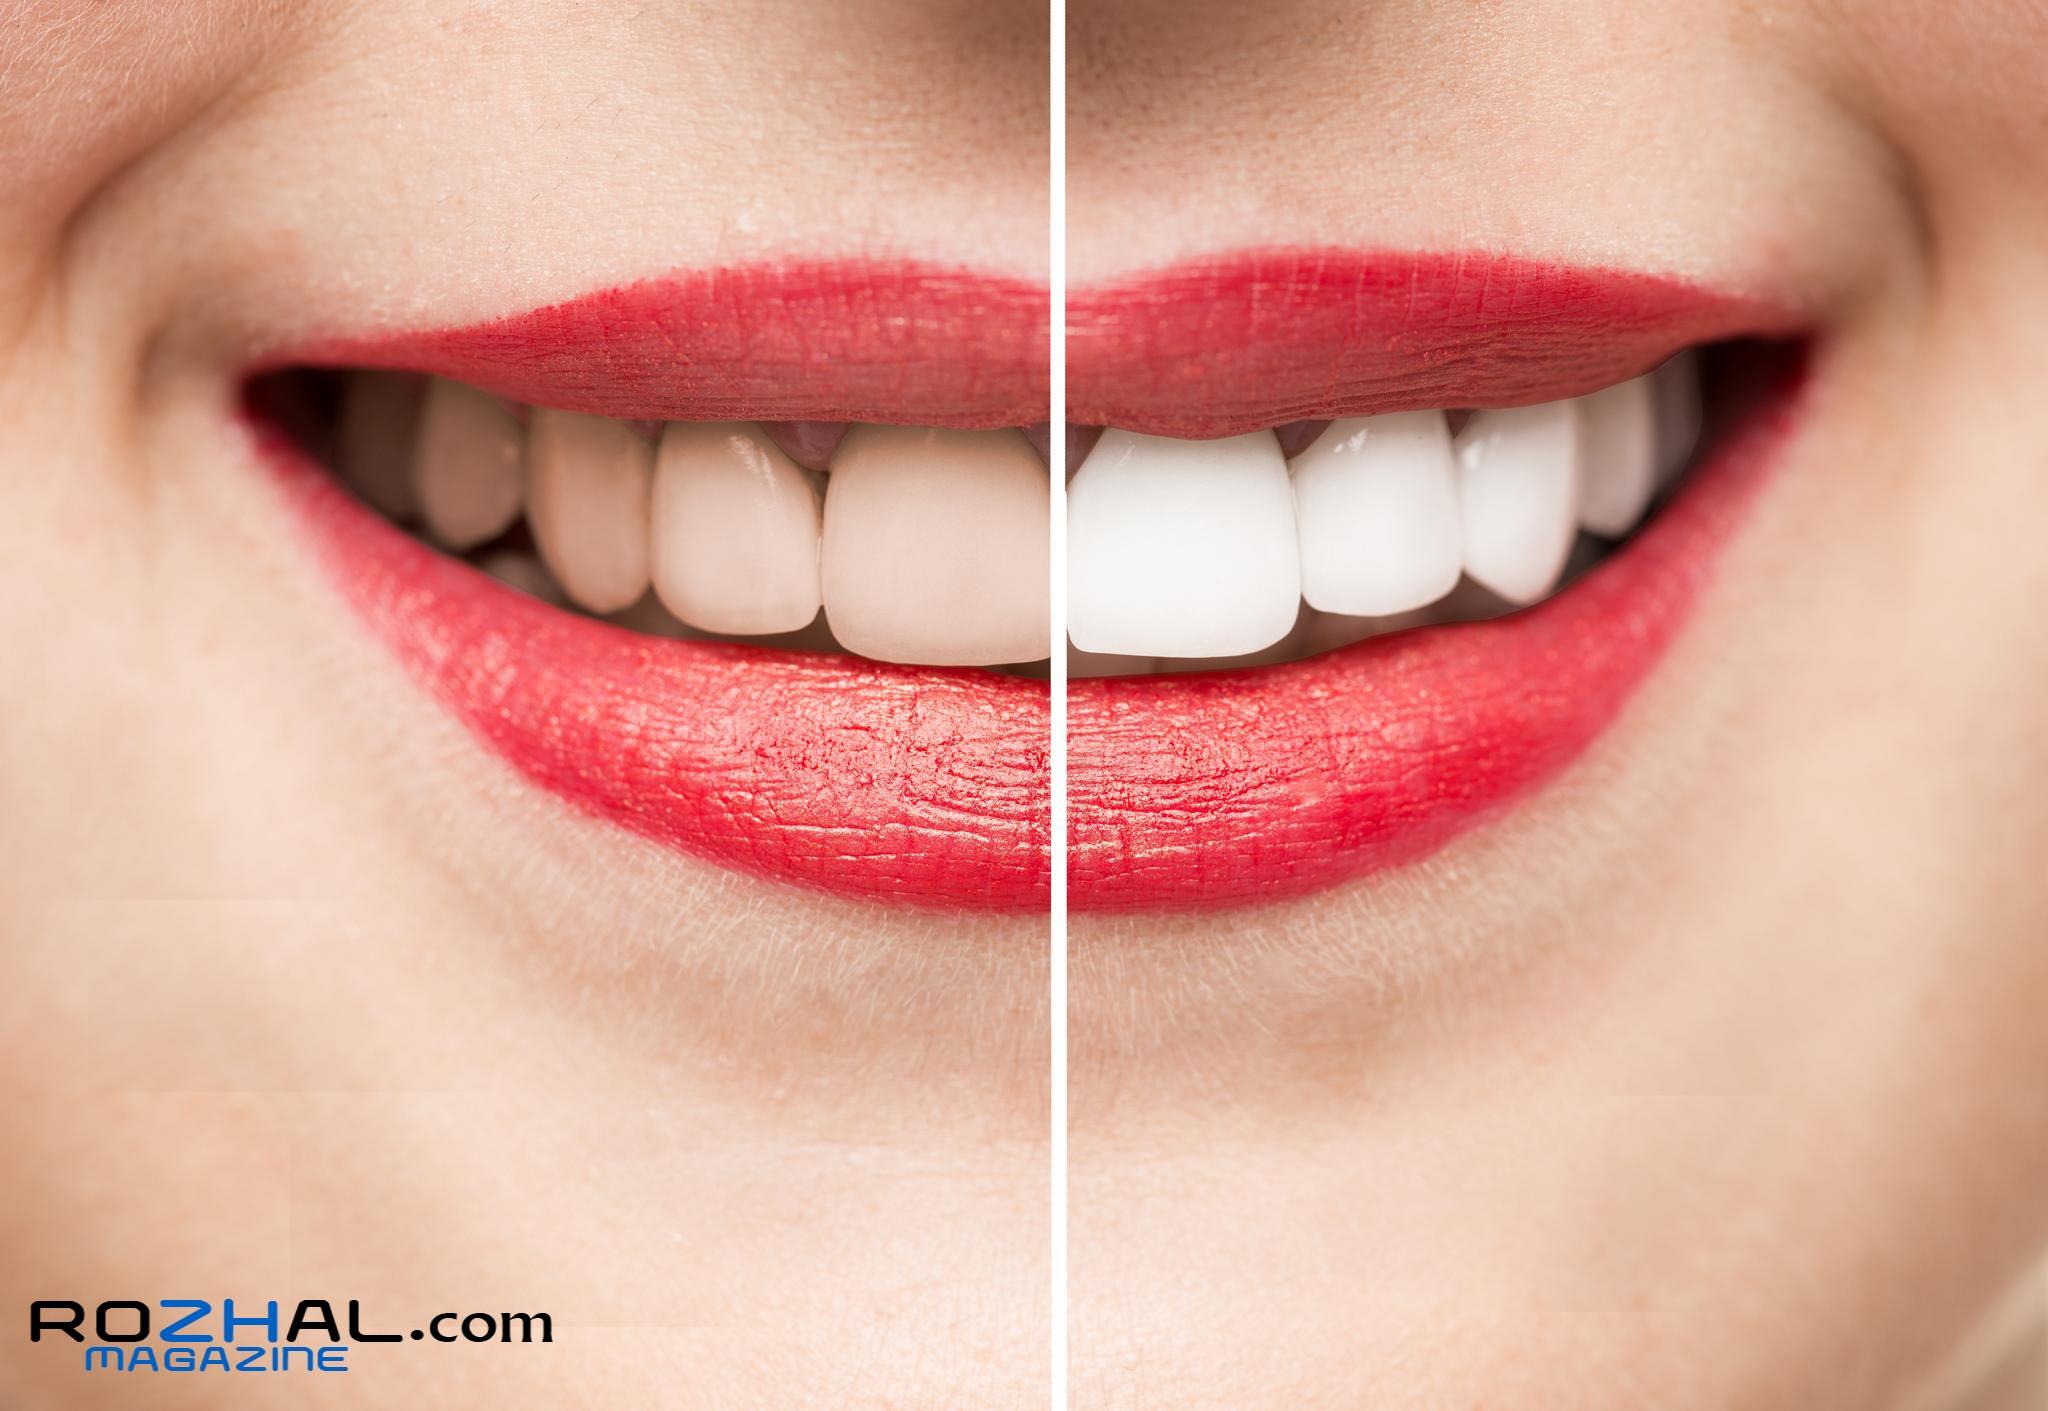 نکات مهمی که باید قبل از لمینیت کامپوزیتی دندان بدانید